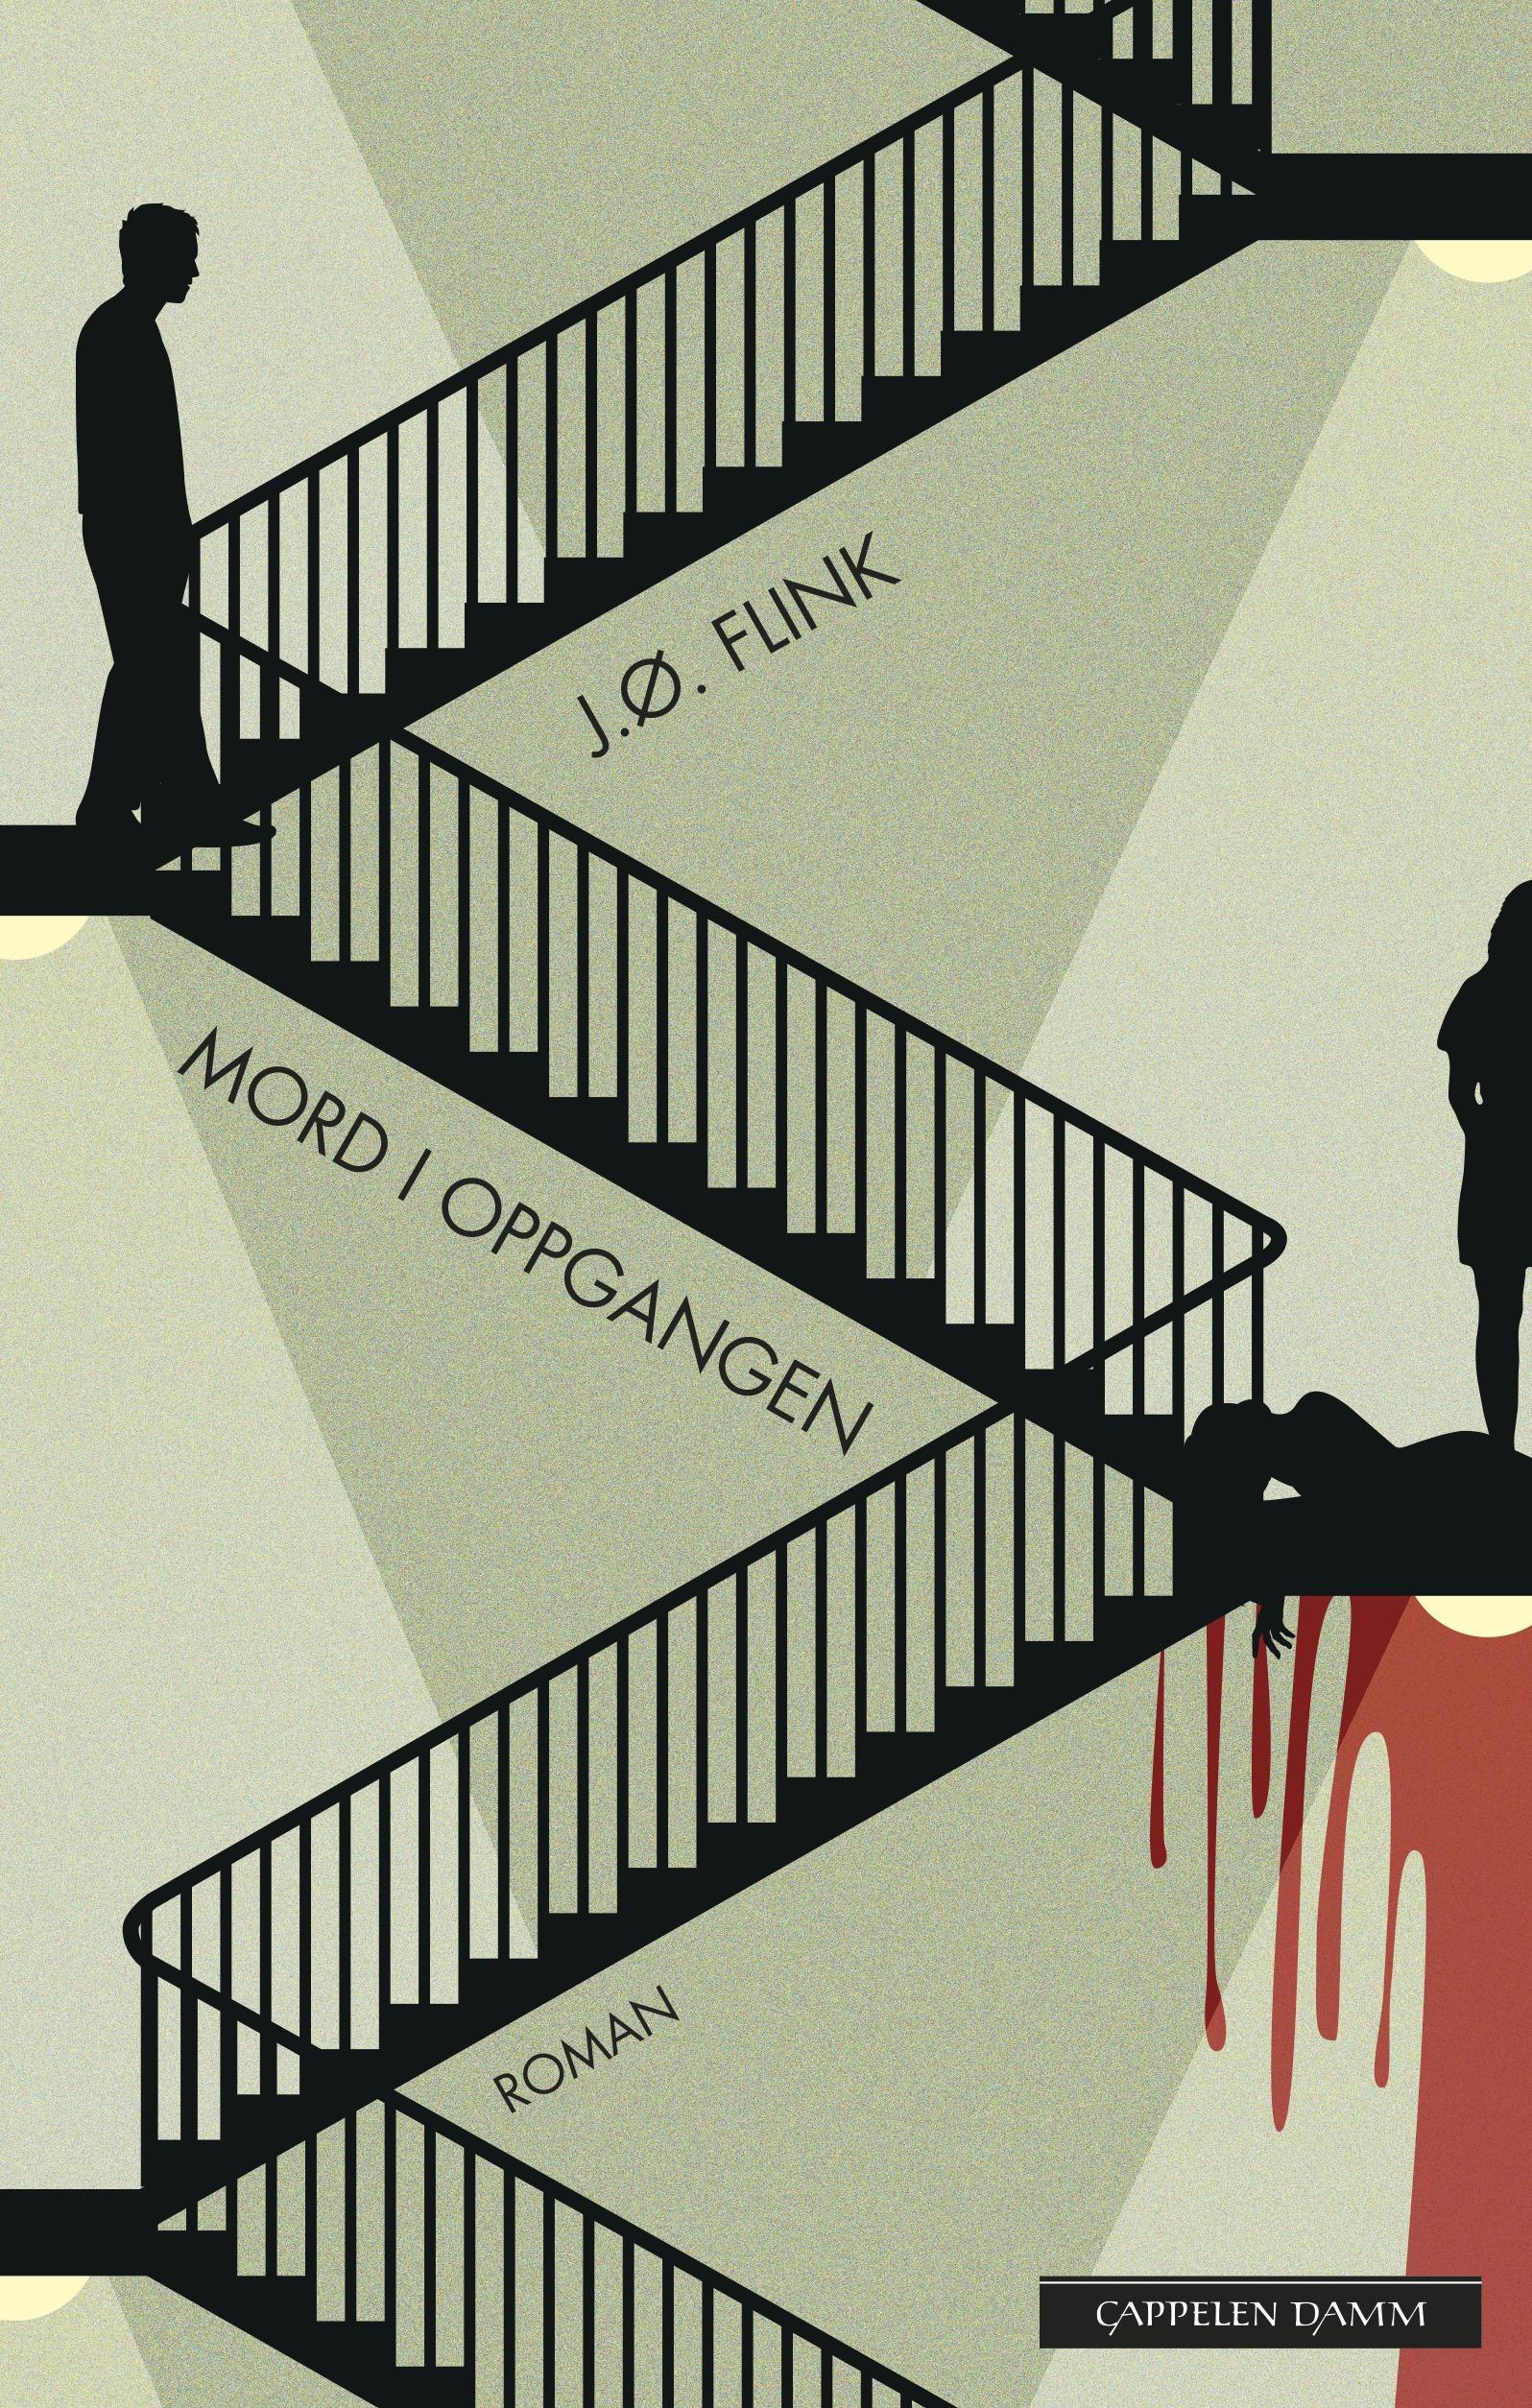 """""""Mord i oppgangen - roman"""" av Jon Øystein Flink"""